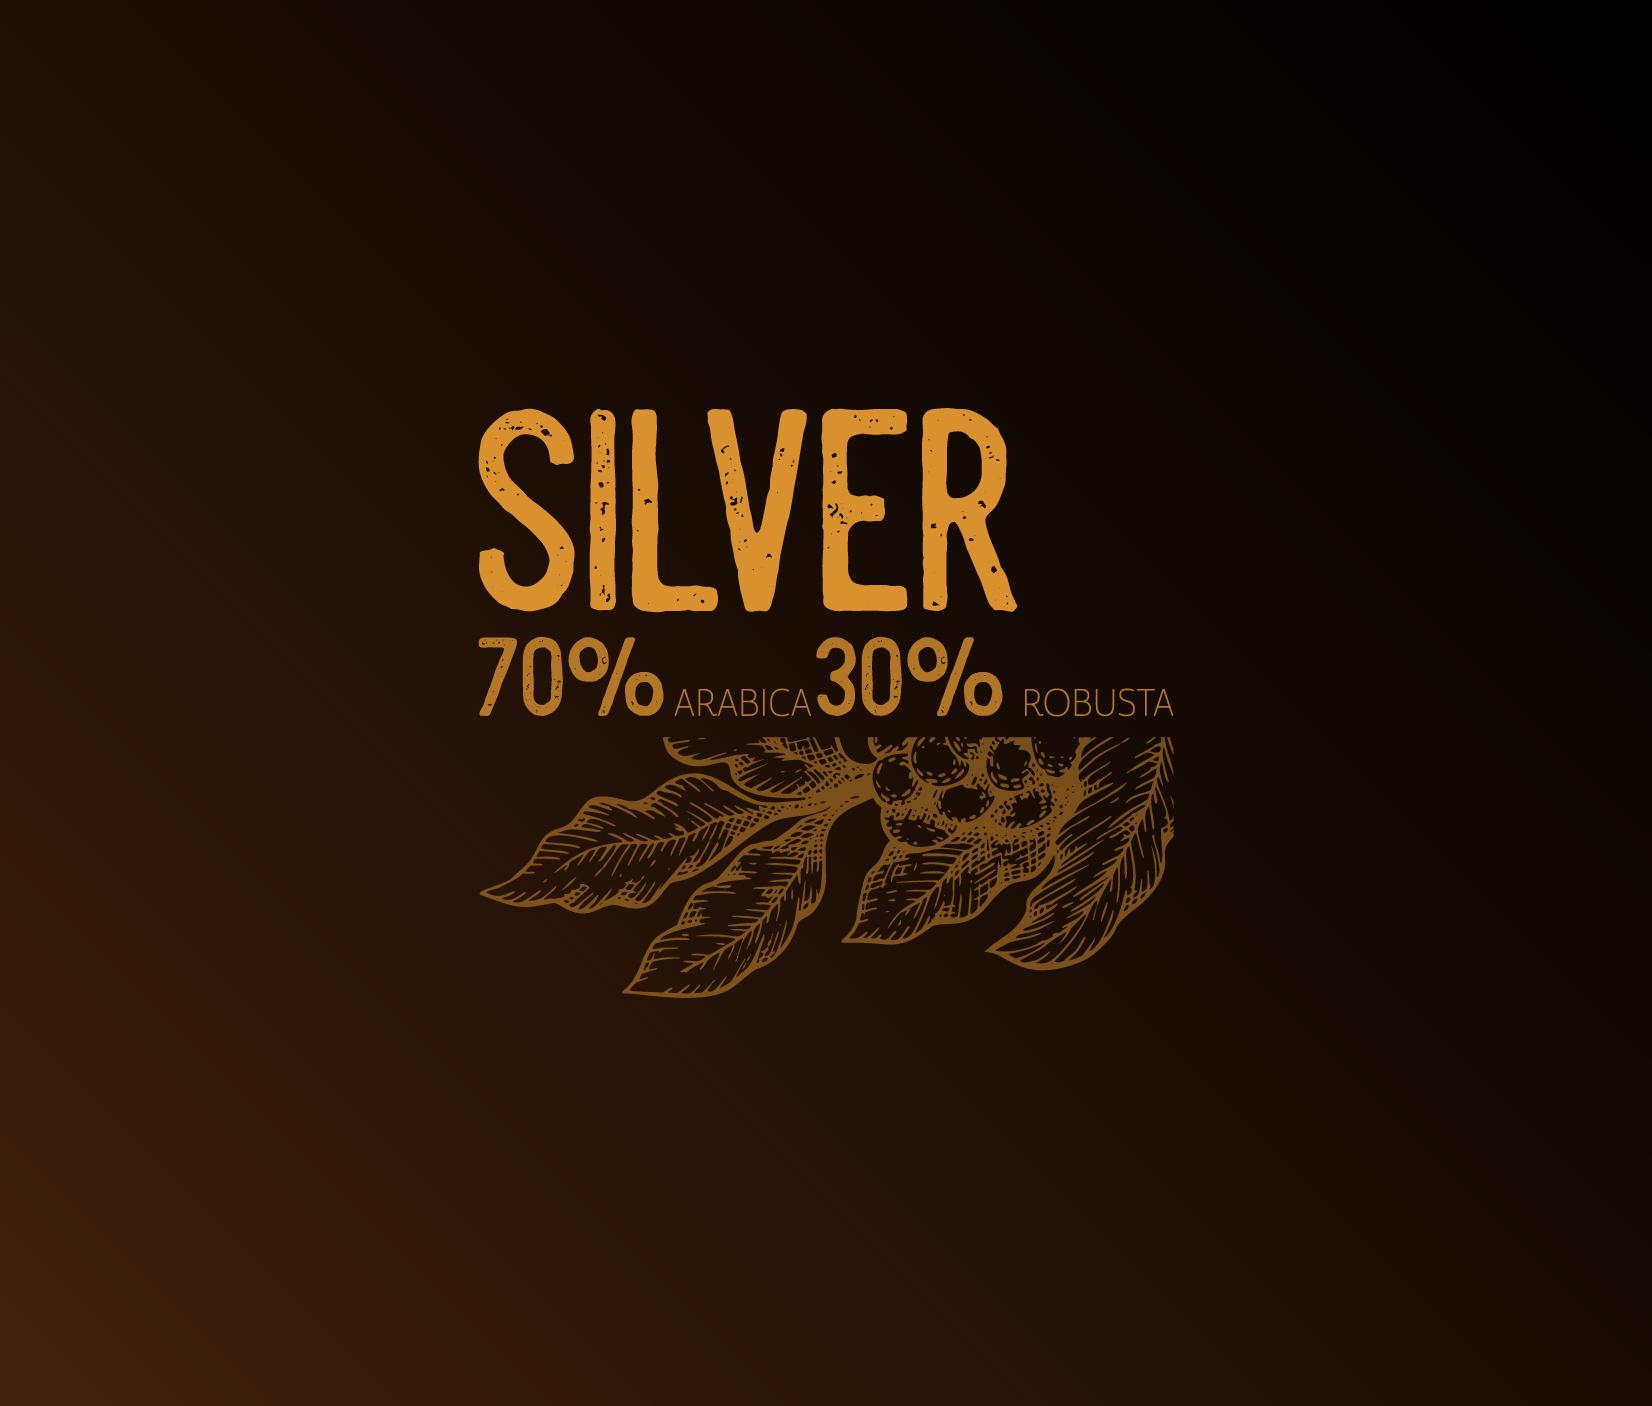 caffe_silver@2x-100